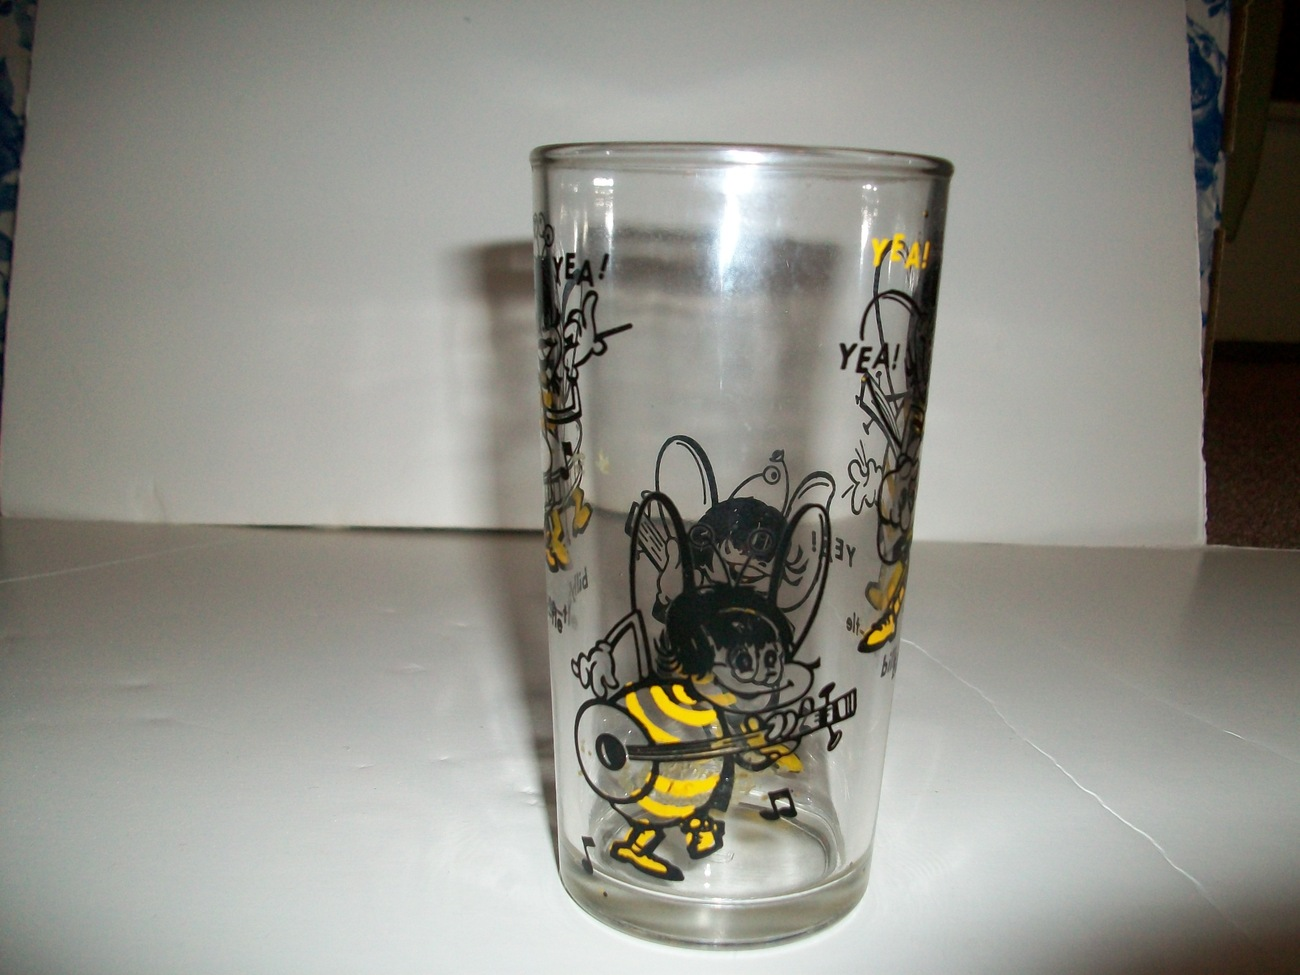 1960's Billy Bee Honey Glass Beatles Yea! Yea! Yea!